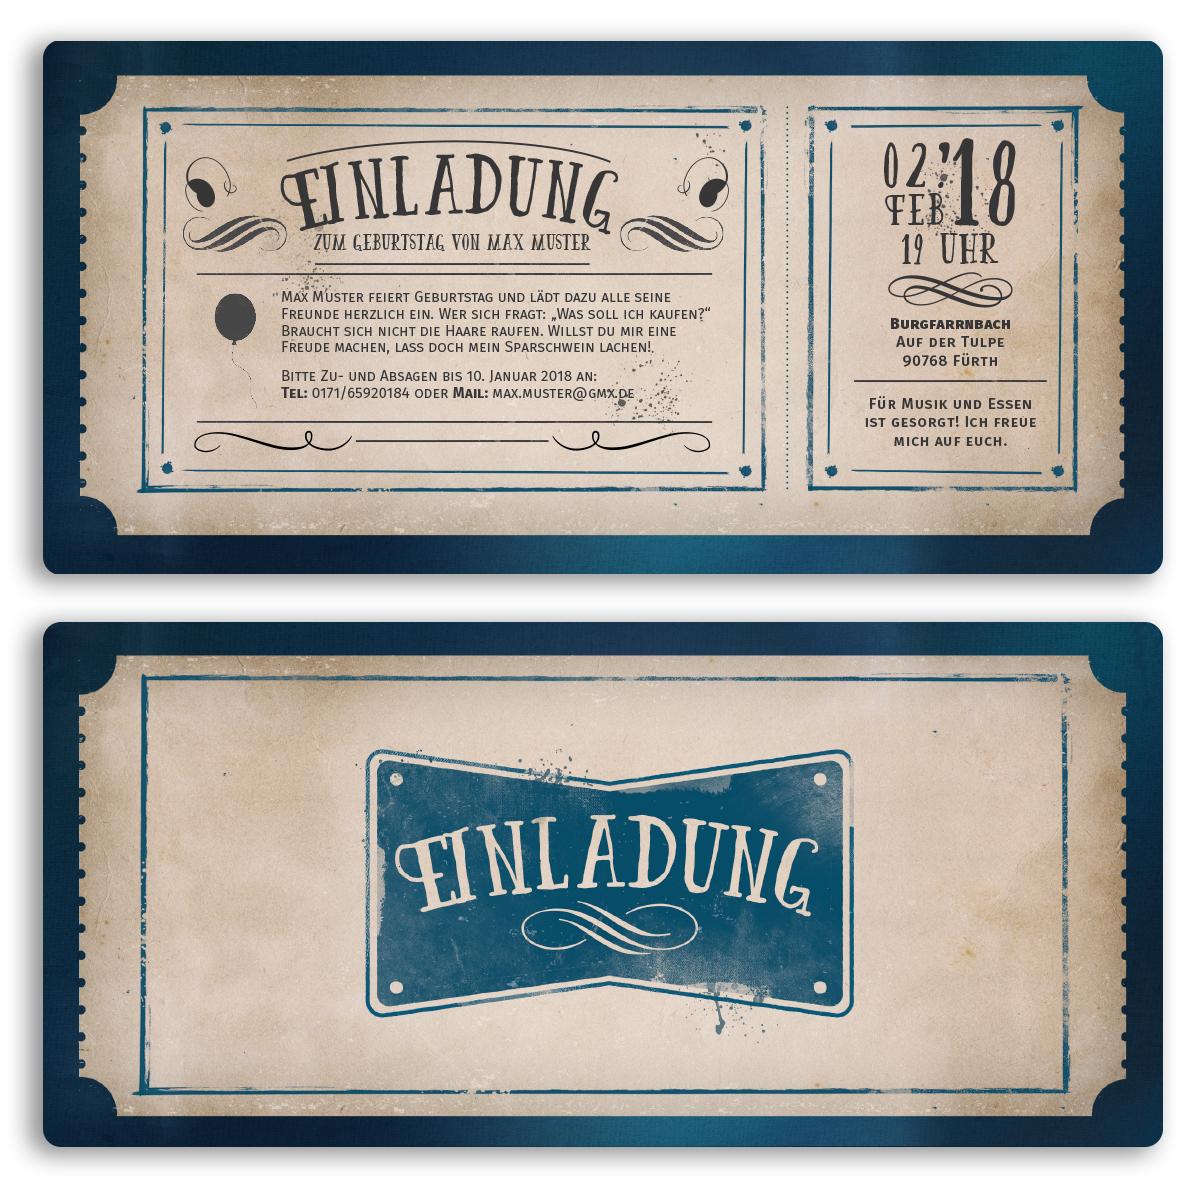 Einladungskarten Zum Geburtstag Als Eintrittskarte Retro Vintage Karte  Einladung